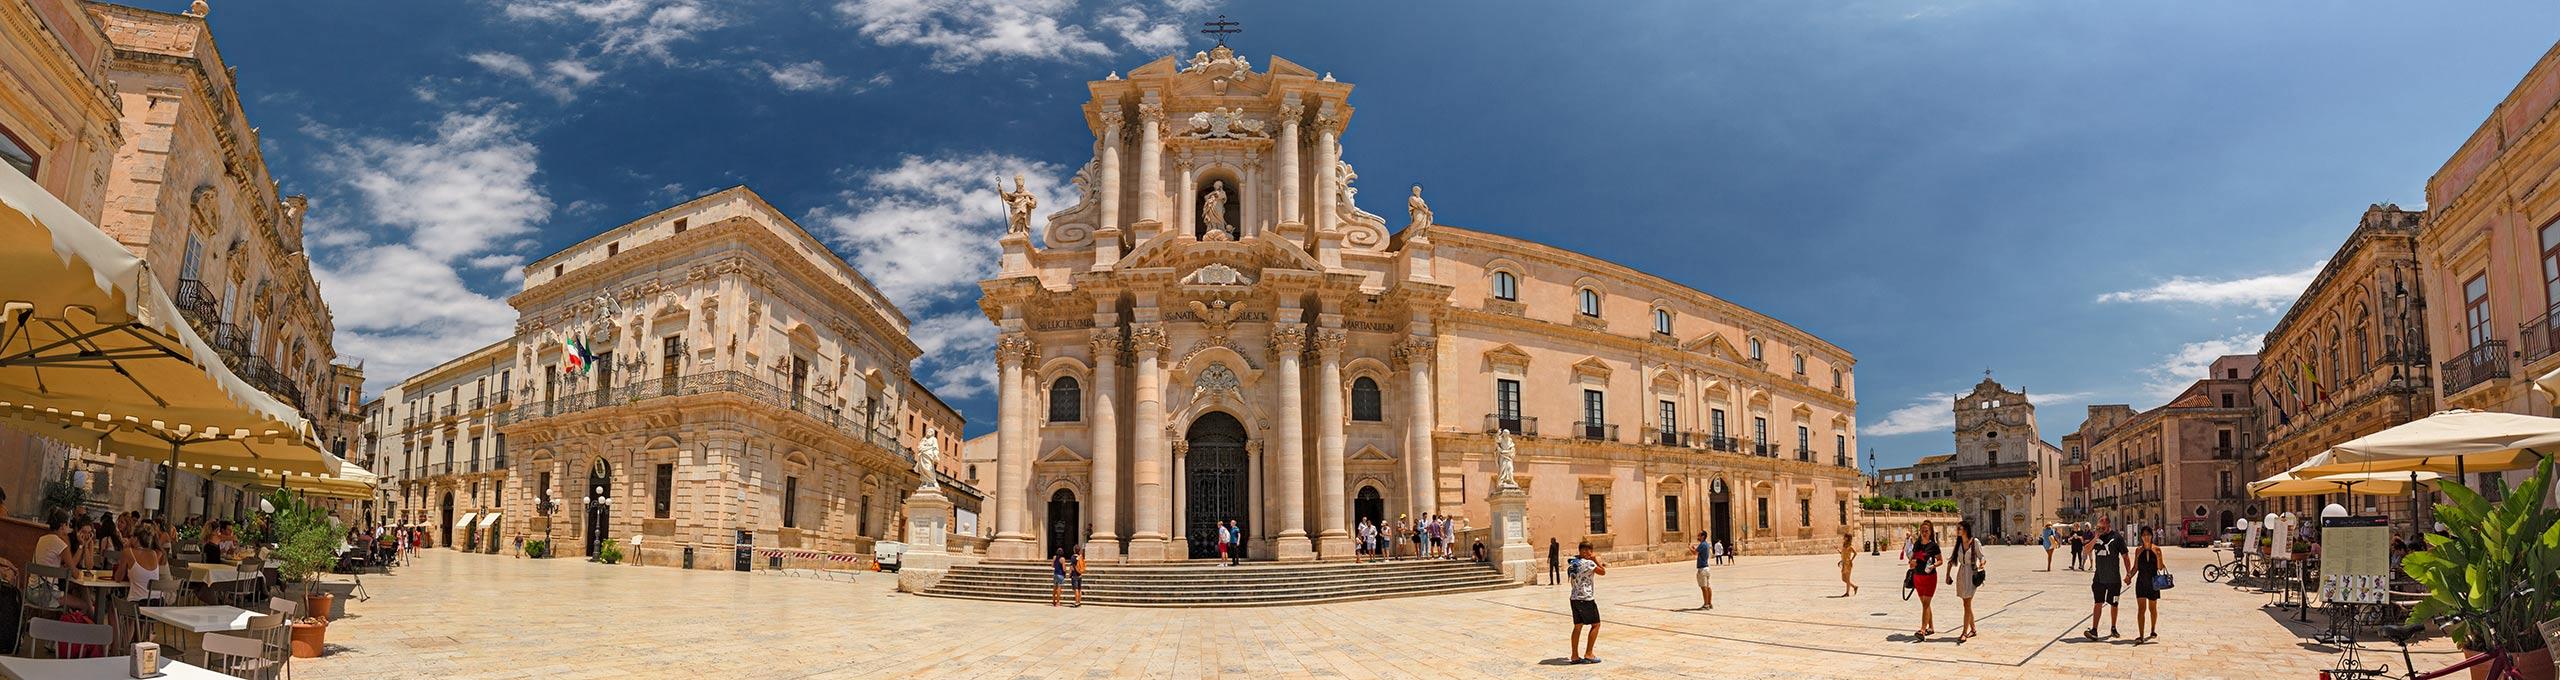 Isola di Ortigia, Piazza Duomo